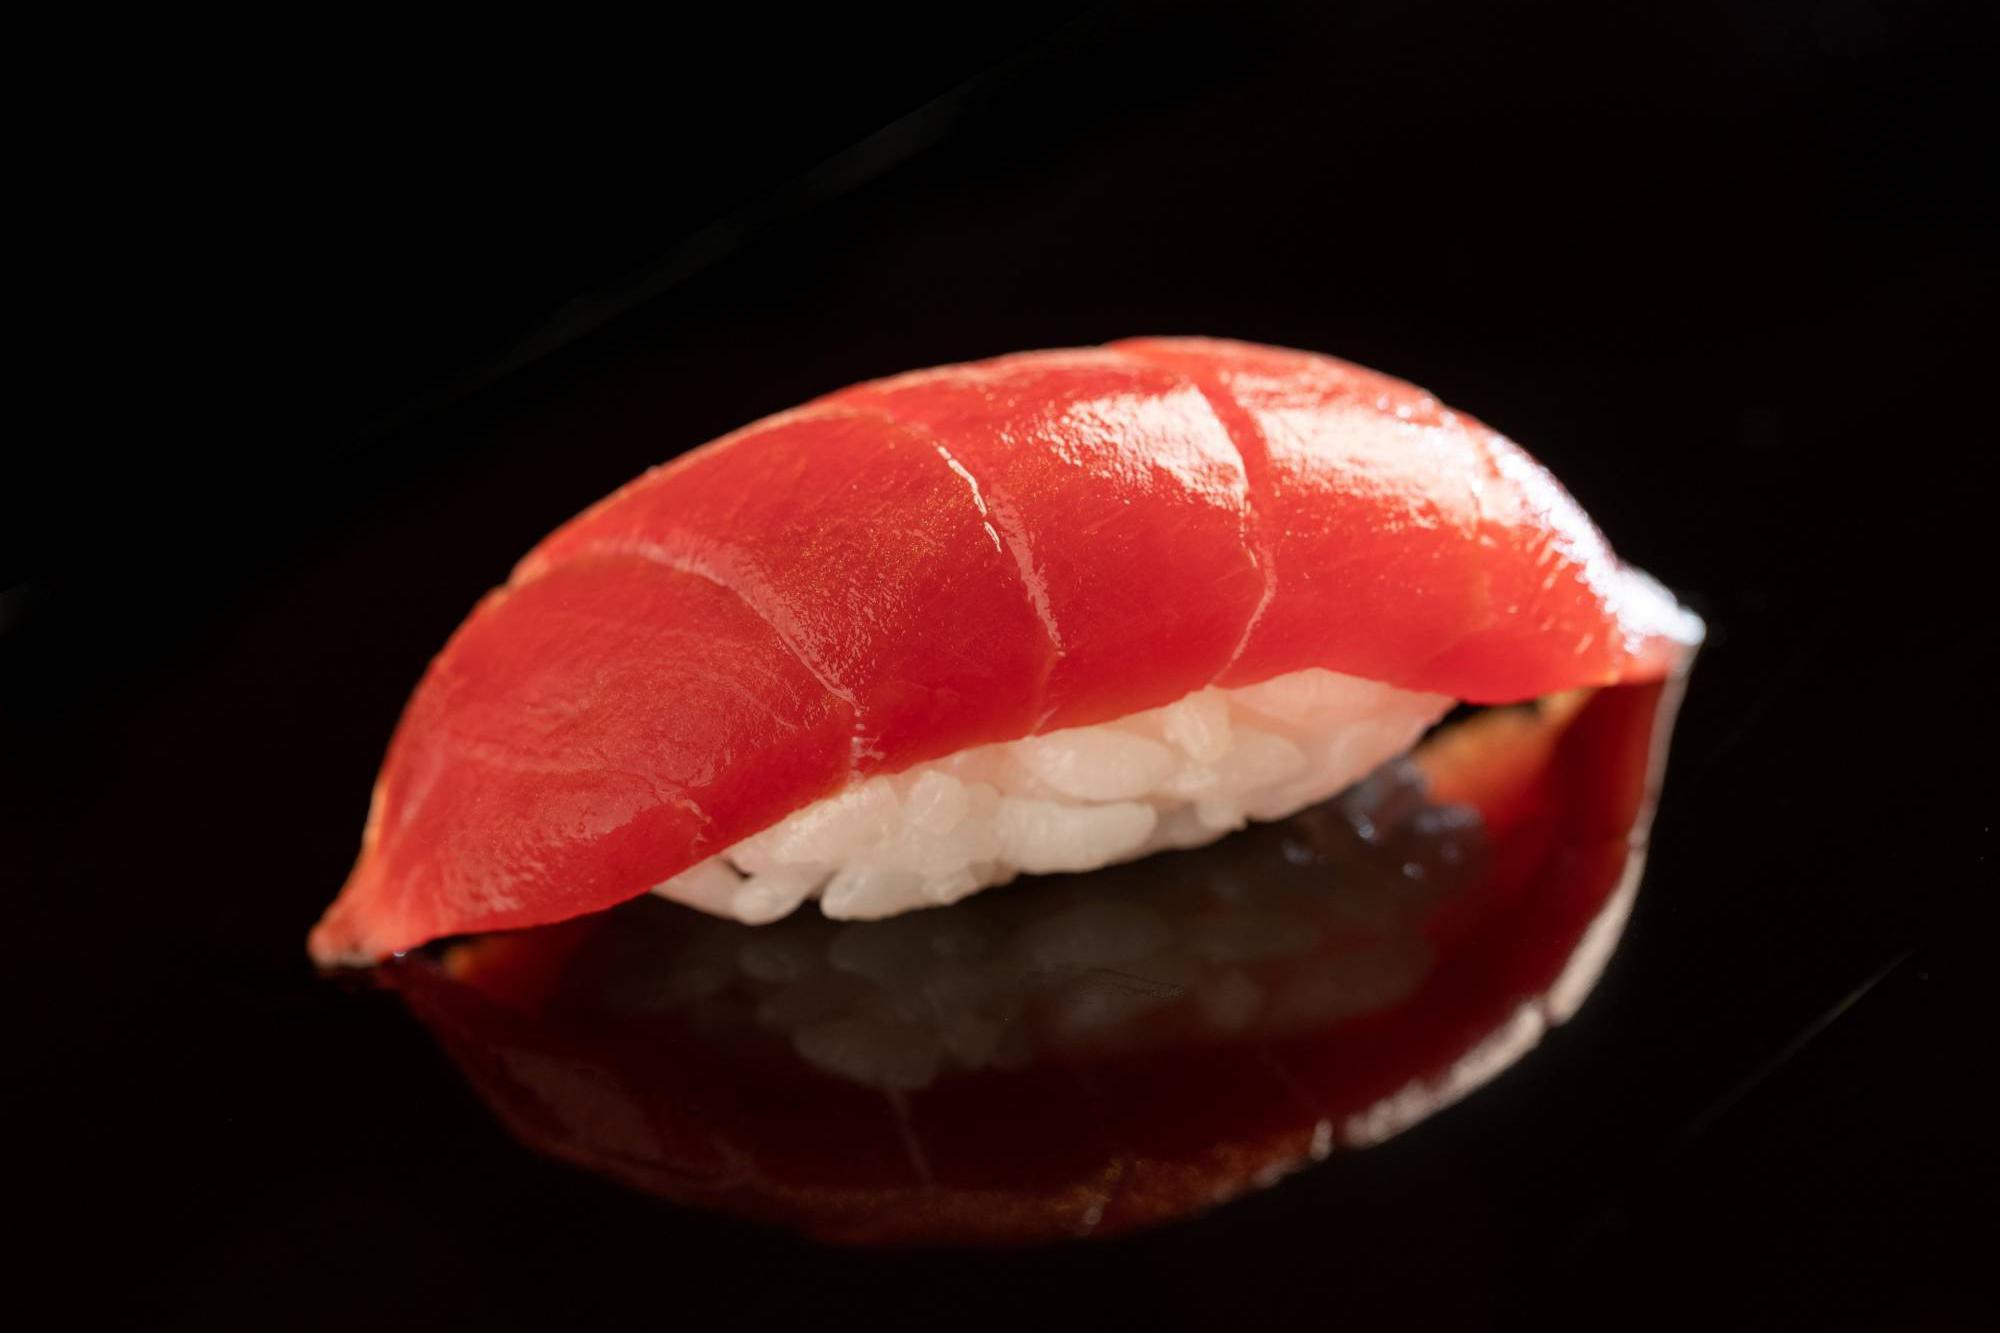 寿司,一场终始于口中的大河剧!